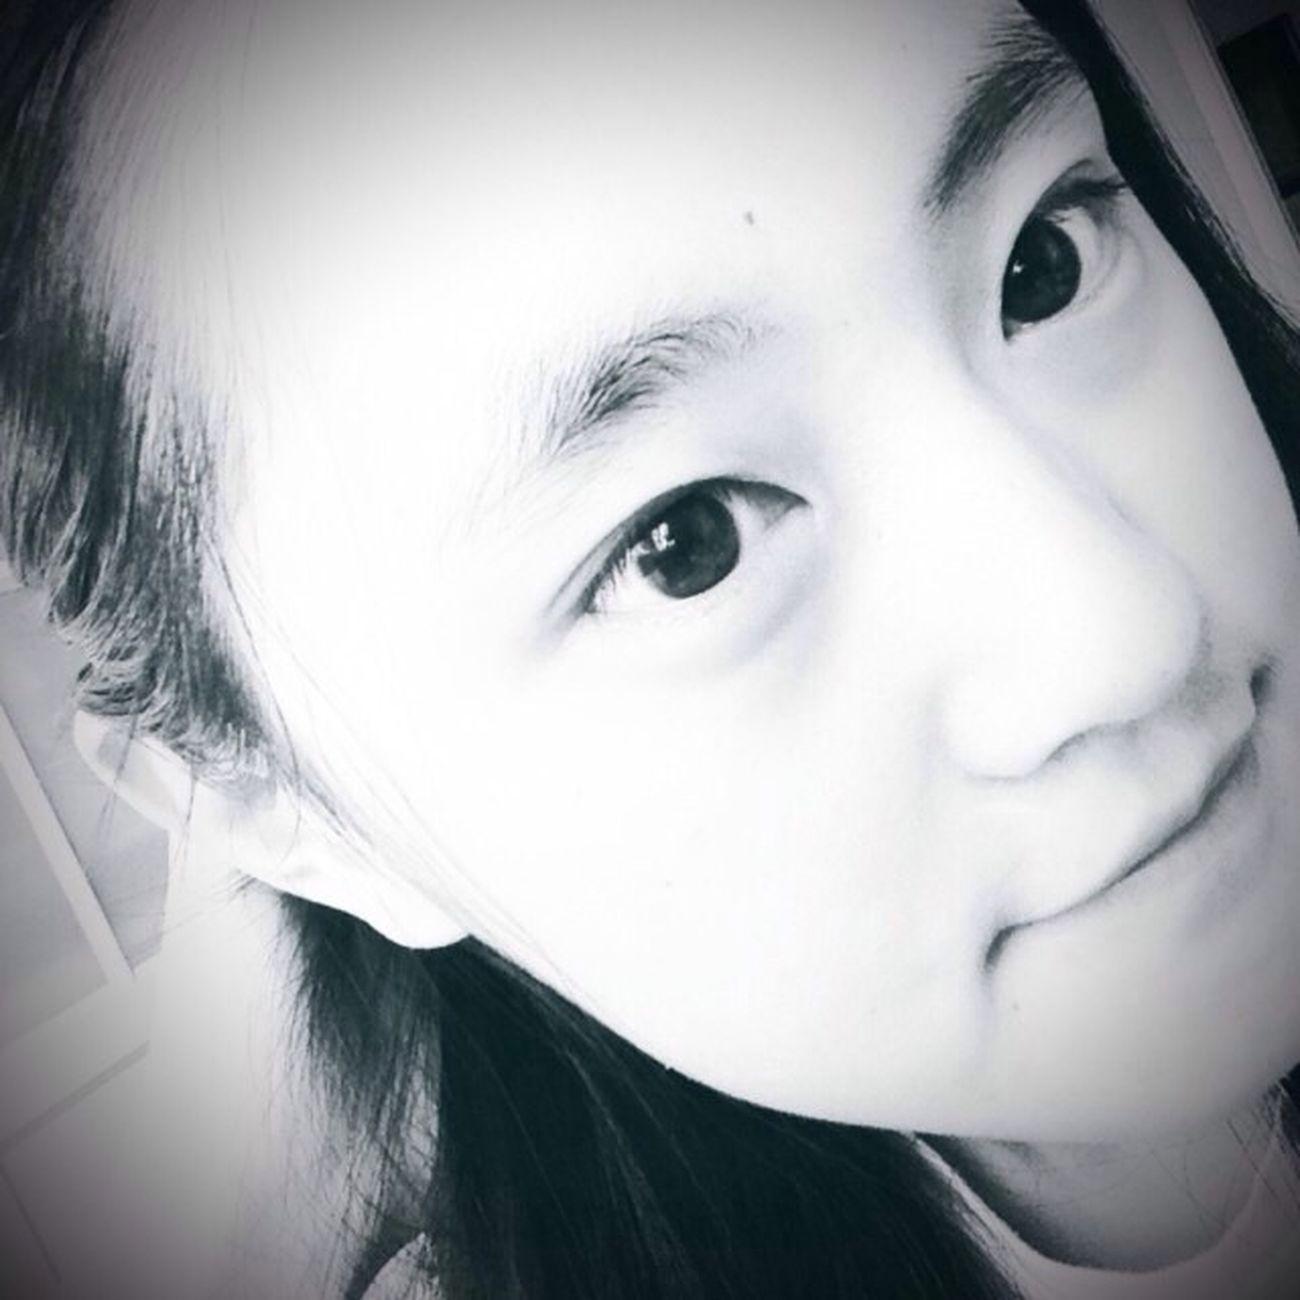 Me! MeY(^_^)Y